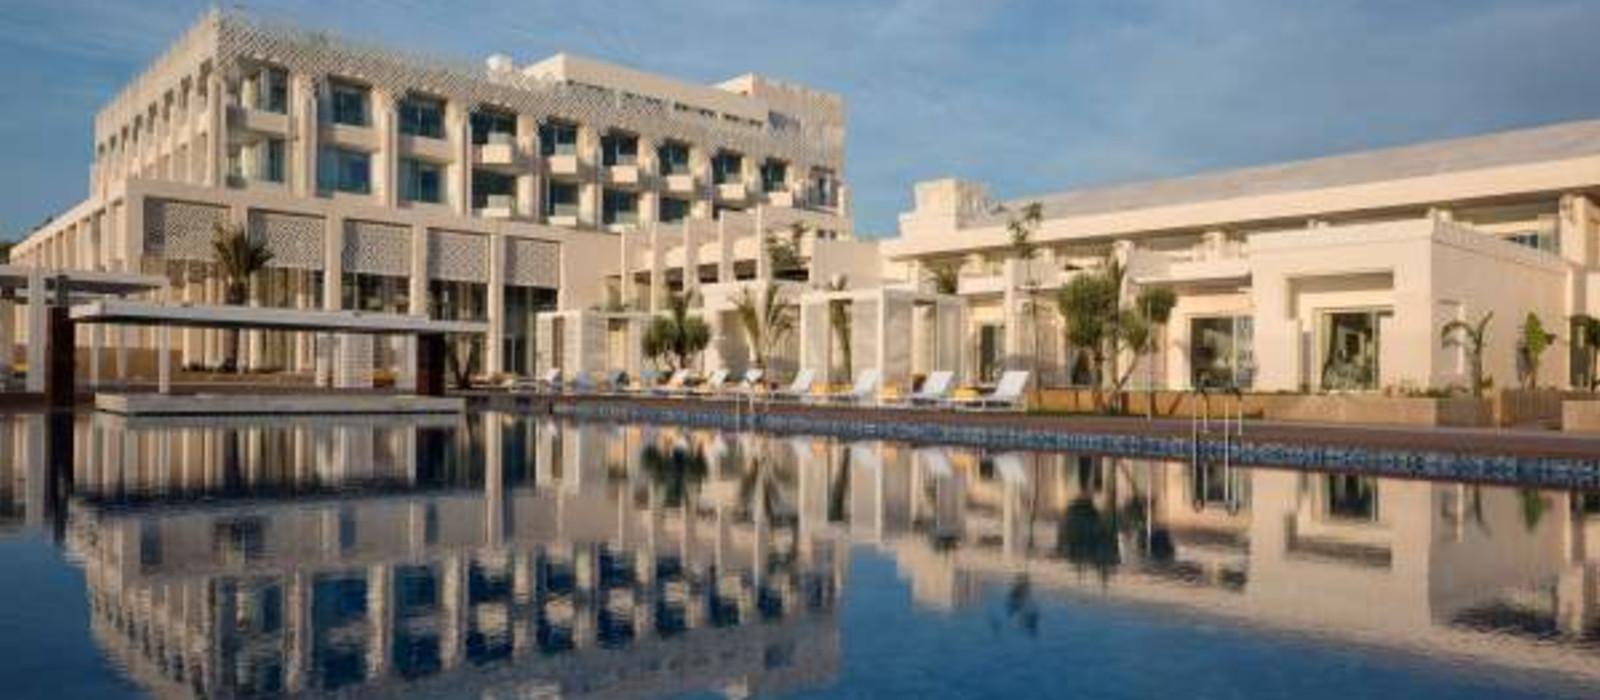 Hotel Marchica Lagoon Resort Marokko